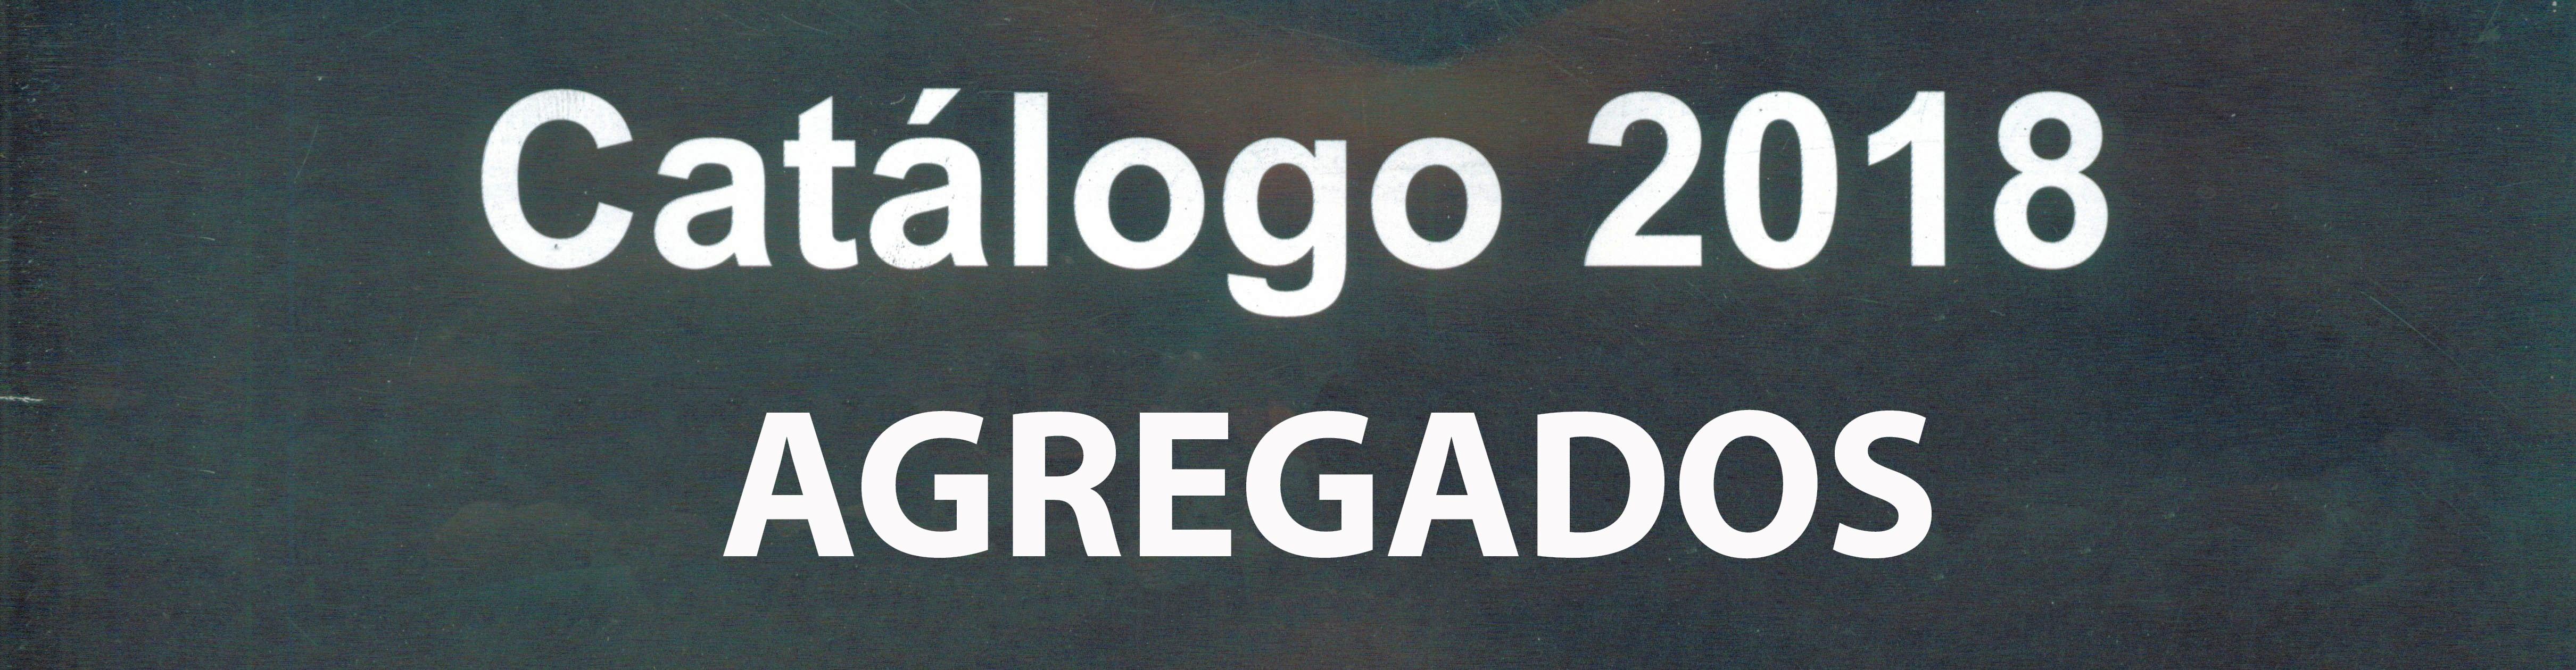 AGREGADOS CATALOGO 2018 (NOVIEMBRE 2019) (1)